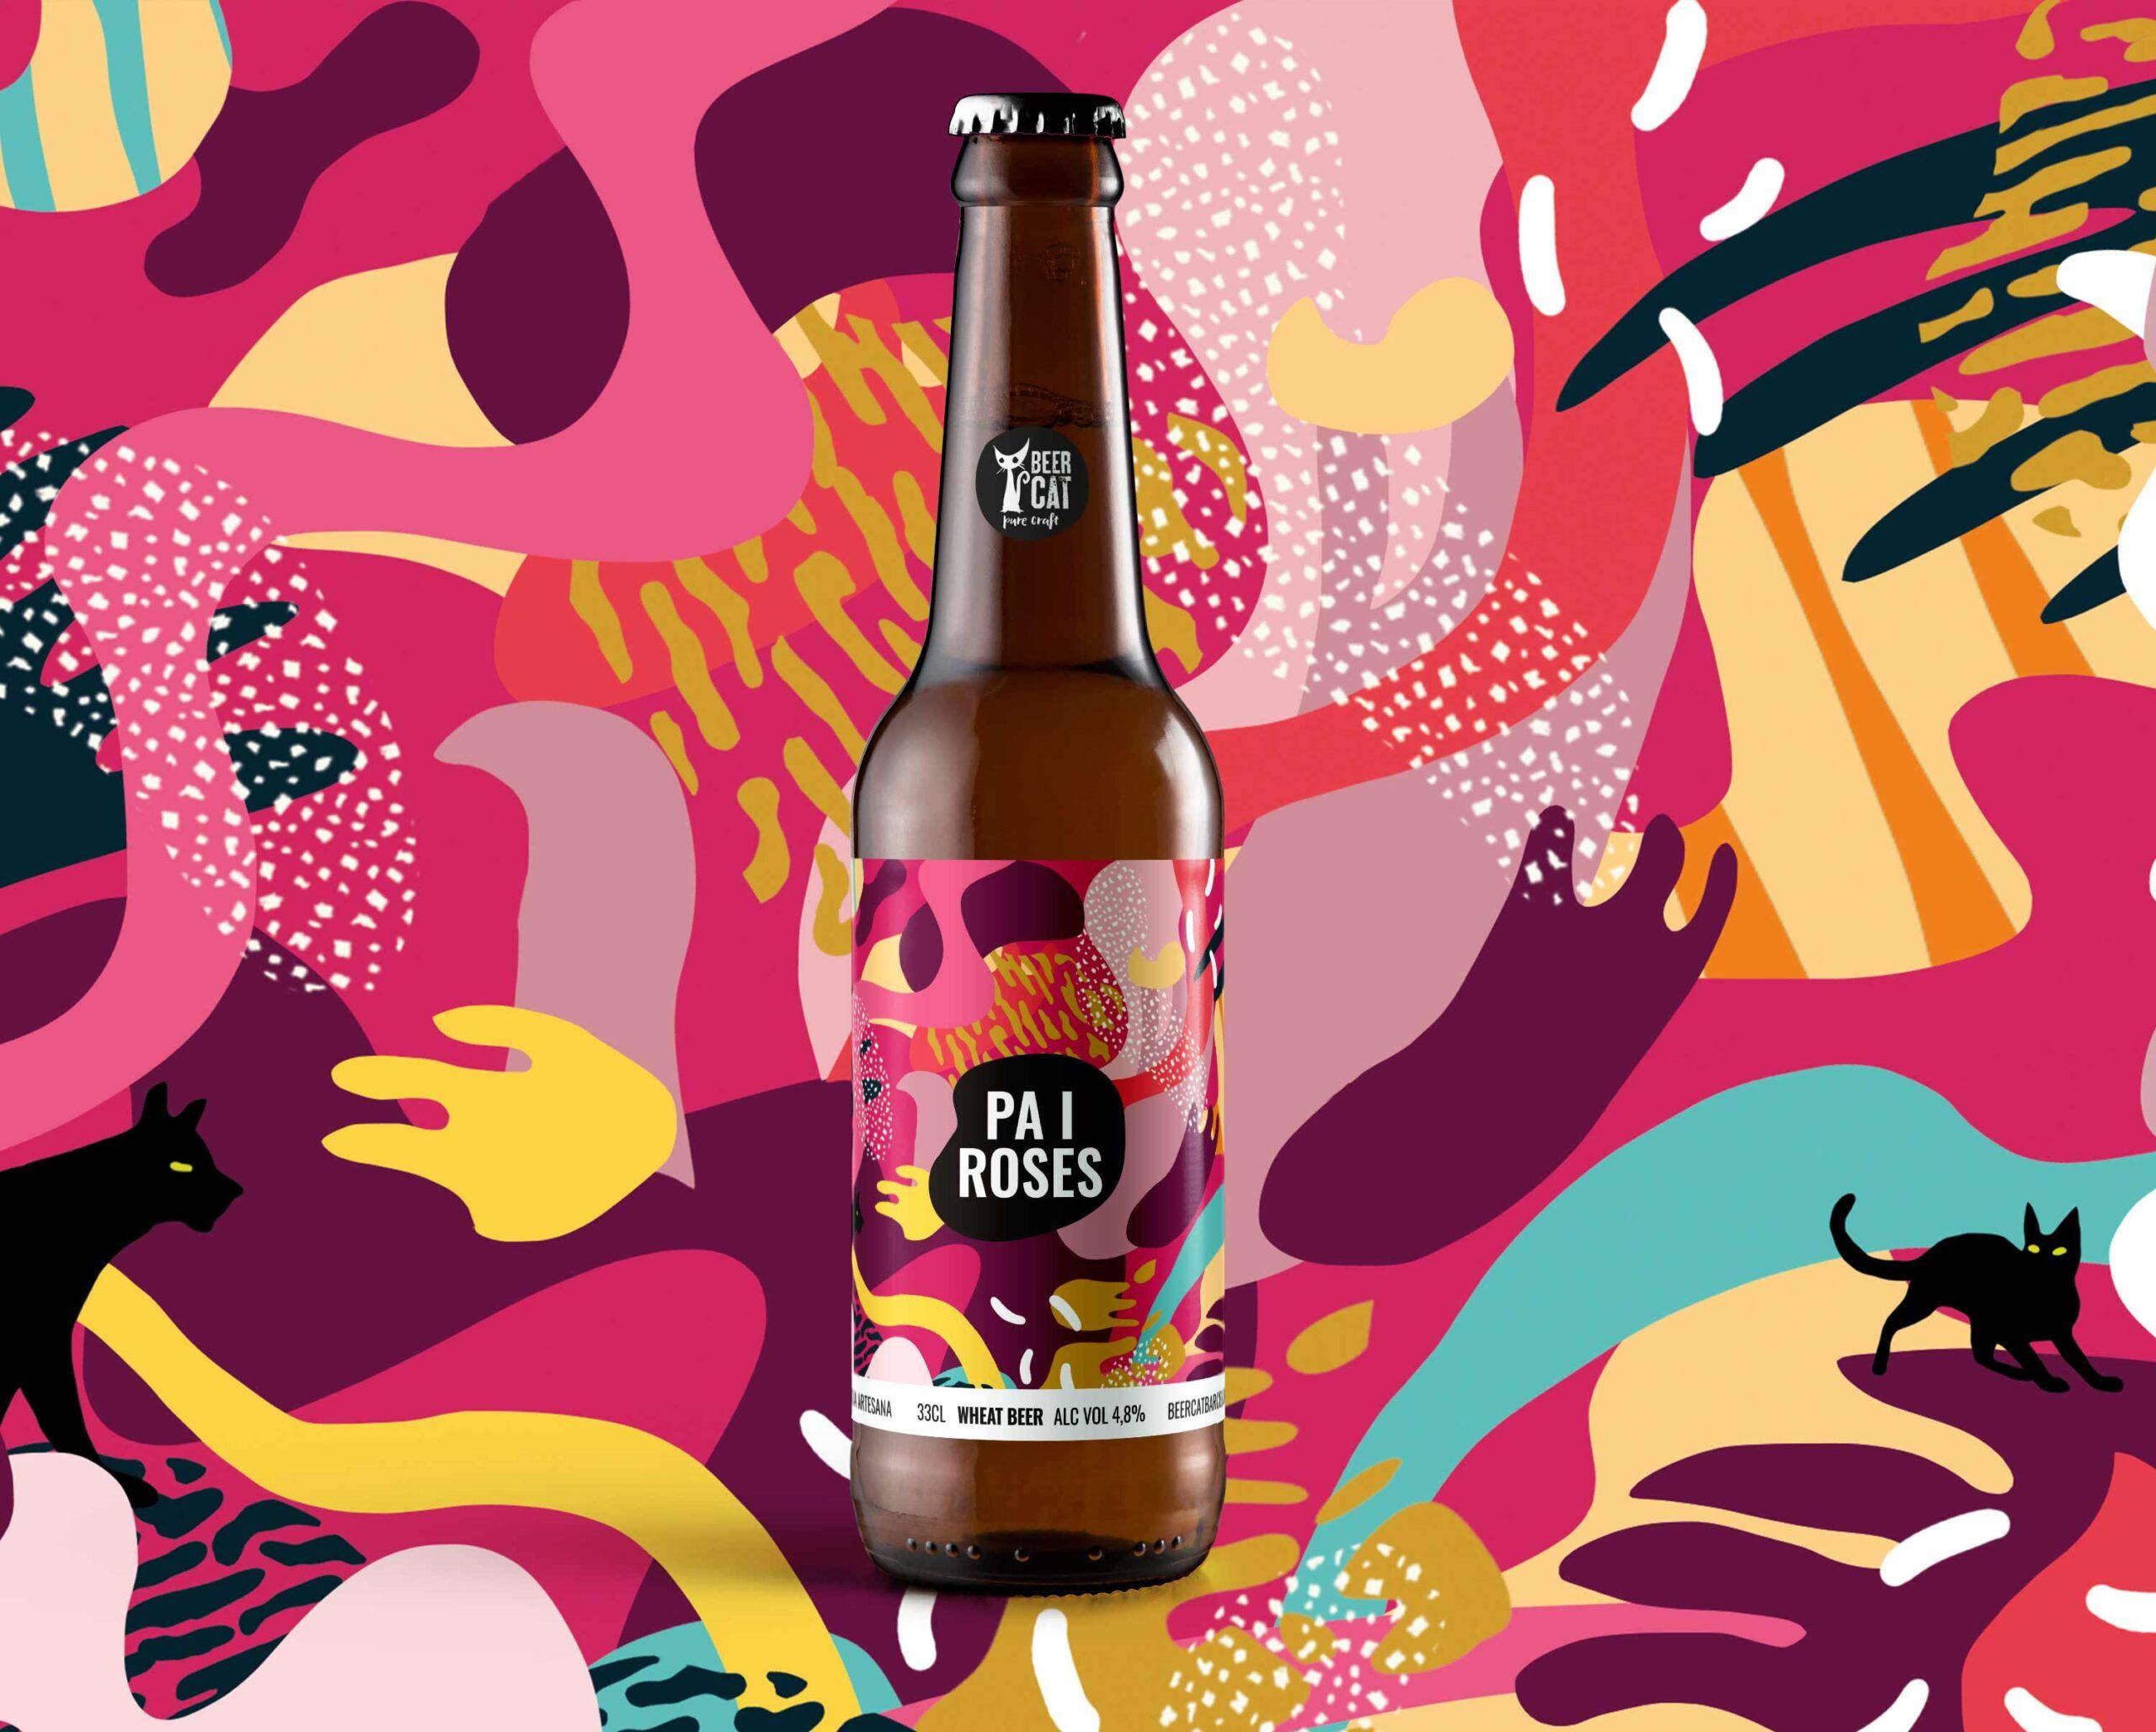 pa i roses craftbeer vilafranca penedes disculpi studio angels pinyol scaled - BEERCAT - Il·lustracions i disseny per etiquetes cerveses artesanes